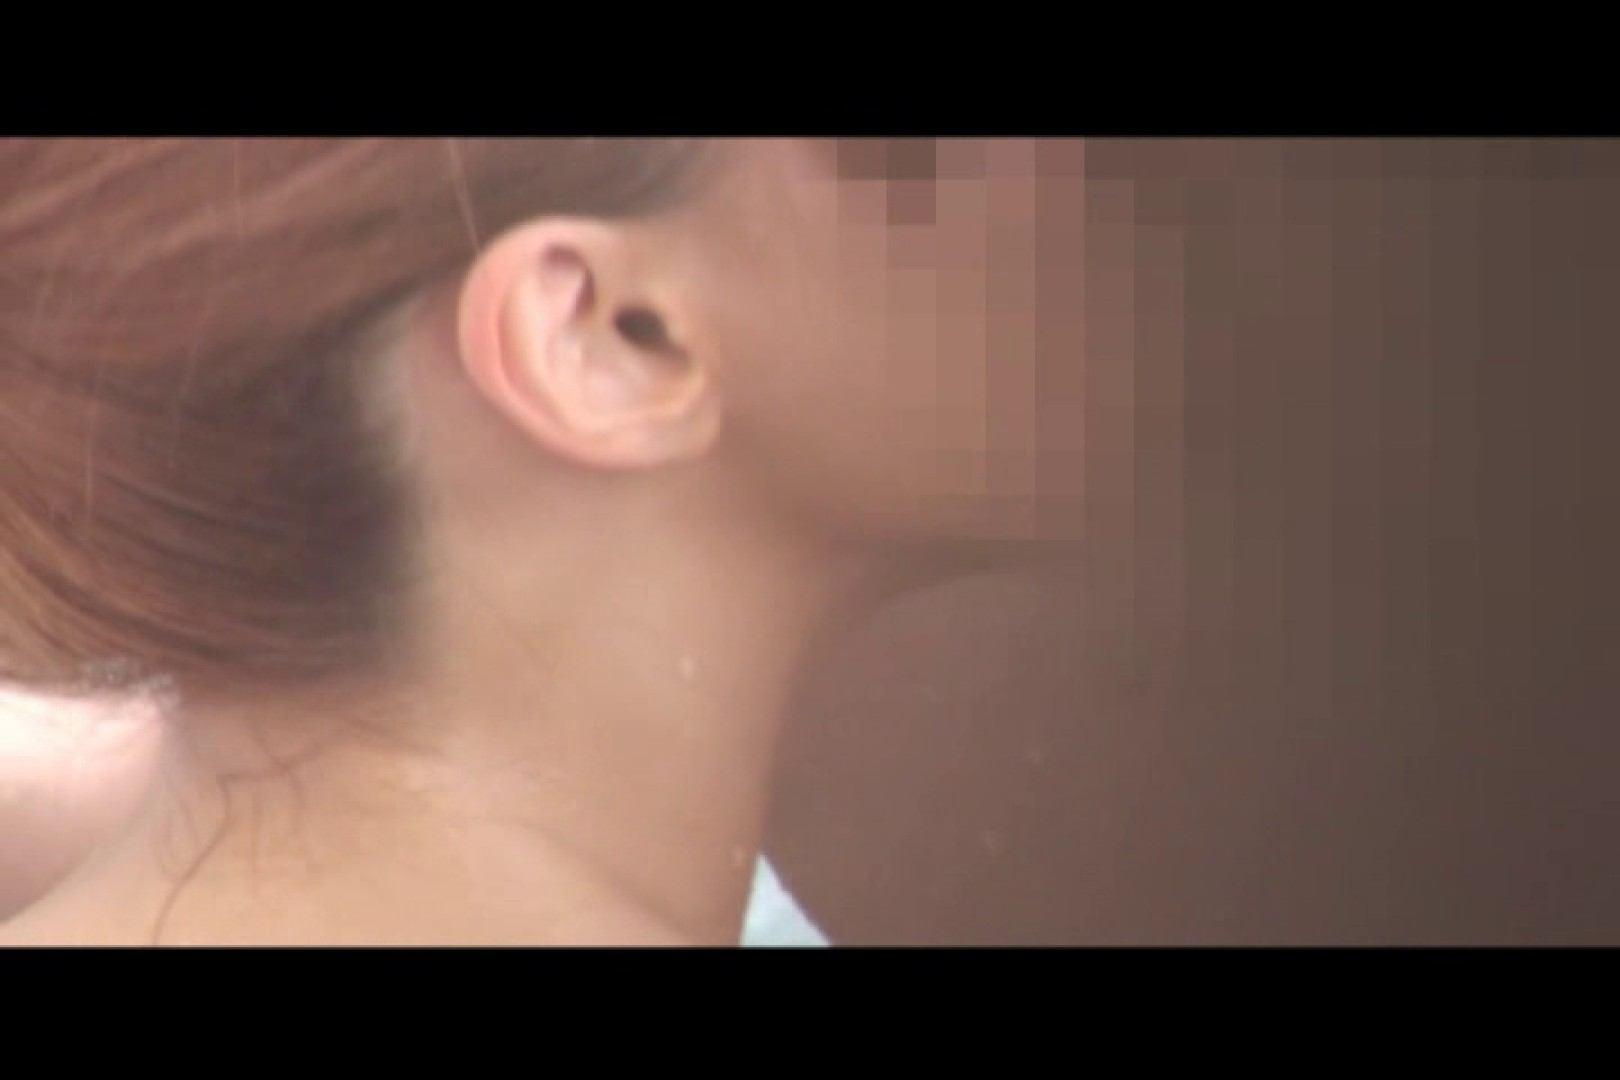 貸切露天 発情カップル! vol.05 露天風呂の女子達 | カップル  85画像 73